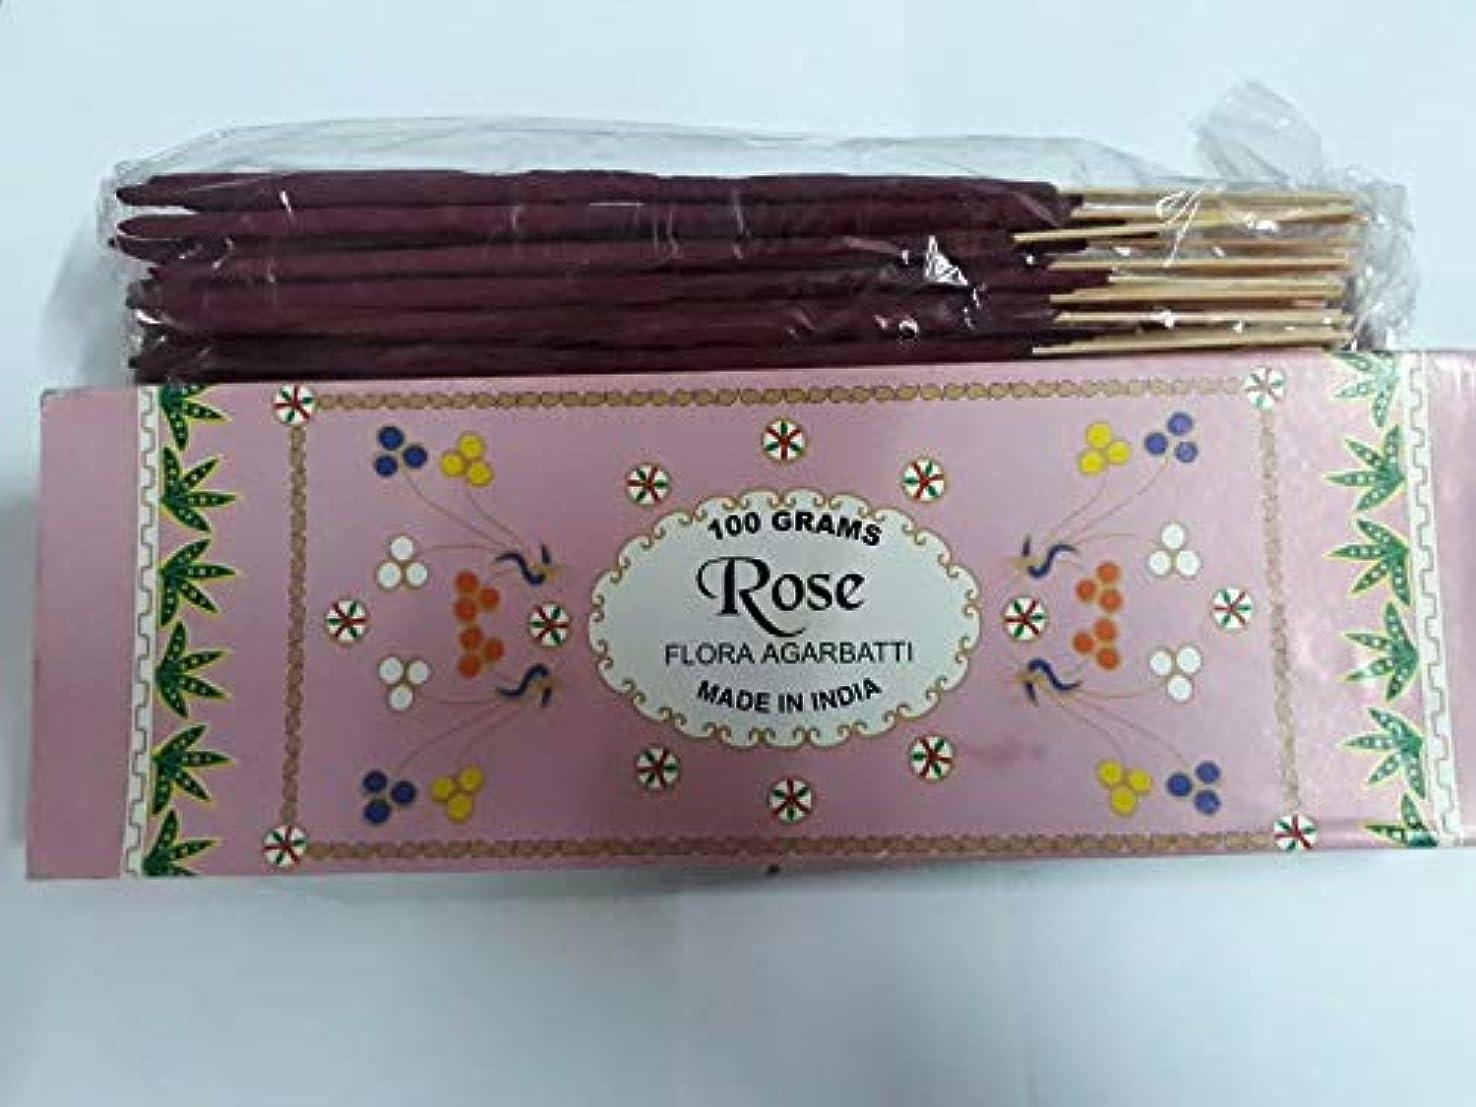 聖人敬な成熟したRose (Gulaab) ローズ Agarbatti Incense Sticks 線香 100 grams Flora フローラ Incense Agarbatti